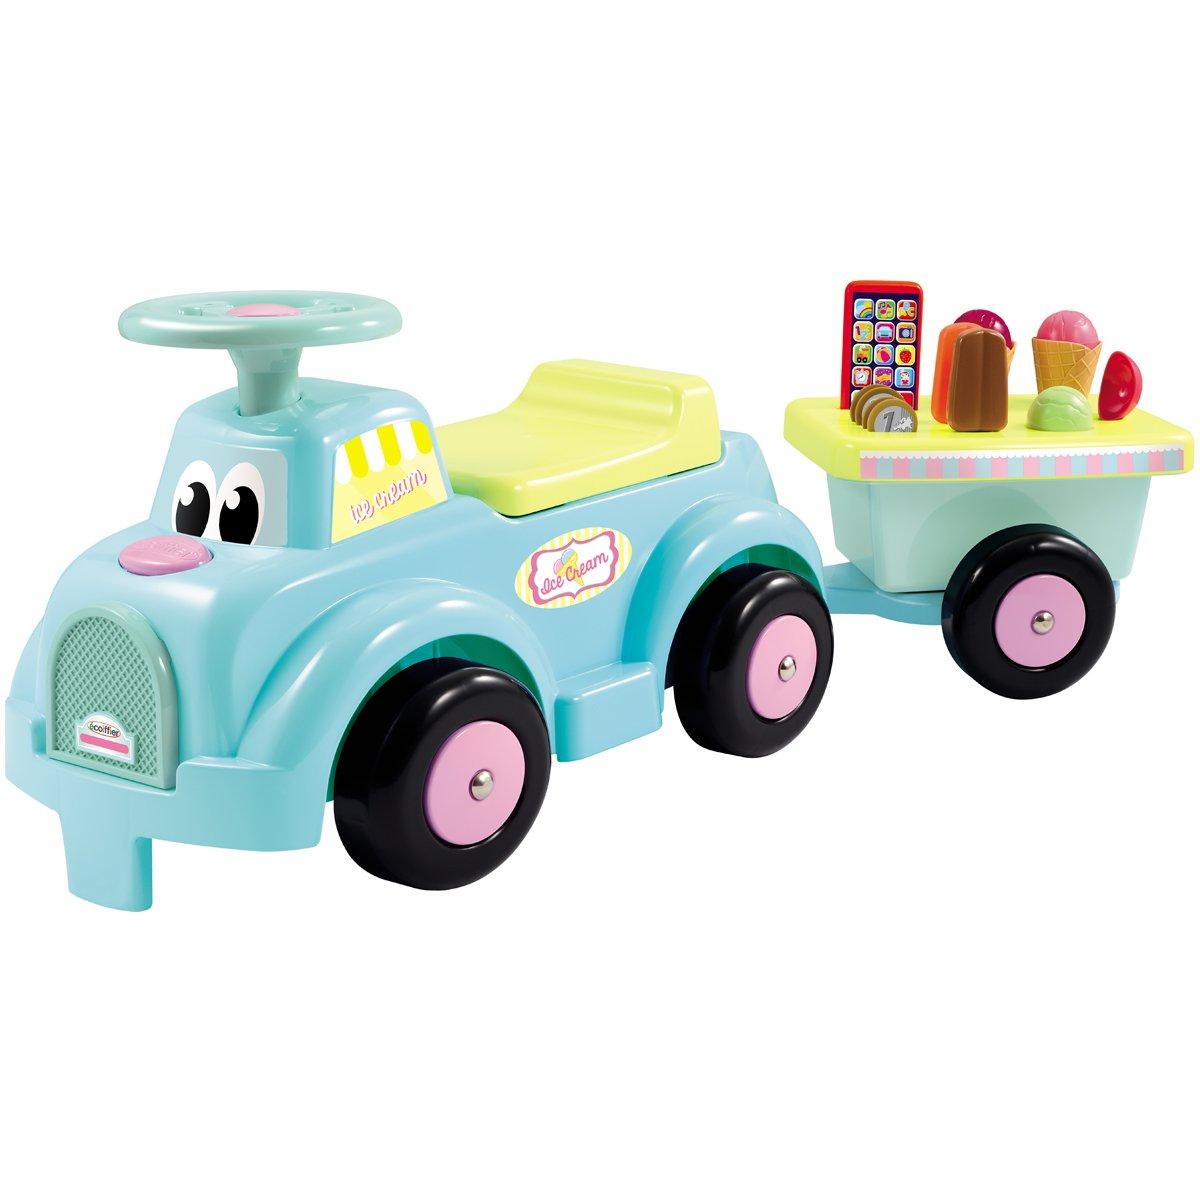 Unbekannt Rutschauto mit Anhänger, Eisdiele, 15 Teile, für Kinder ab 12 Monaten - Rutscherauto Baby Kinder Rutscher Fahrzeug Rutsch Auto Spielzeug Spiele Set Siehe Beschreibung